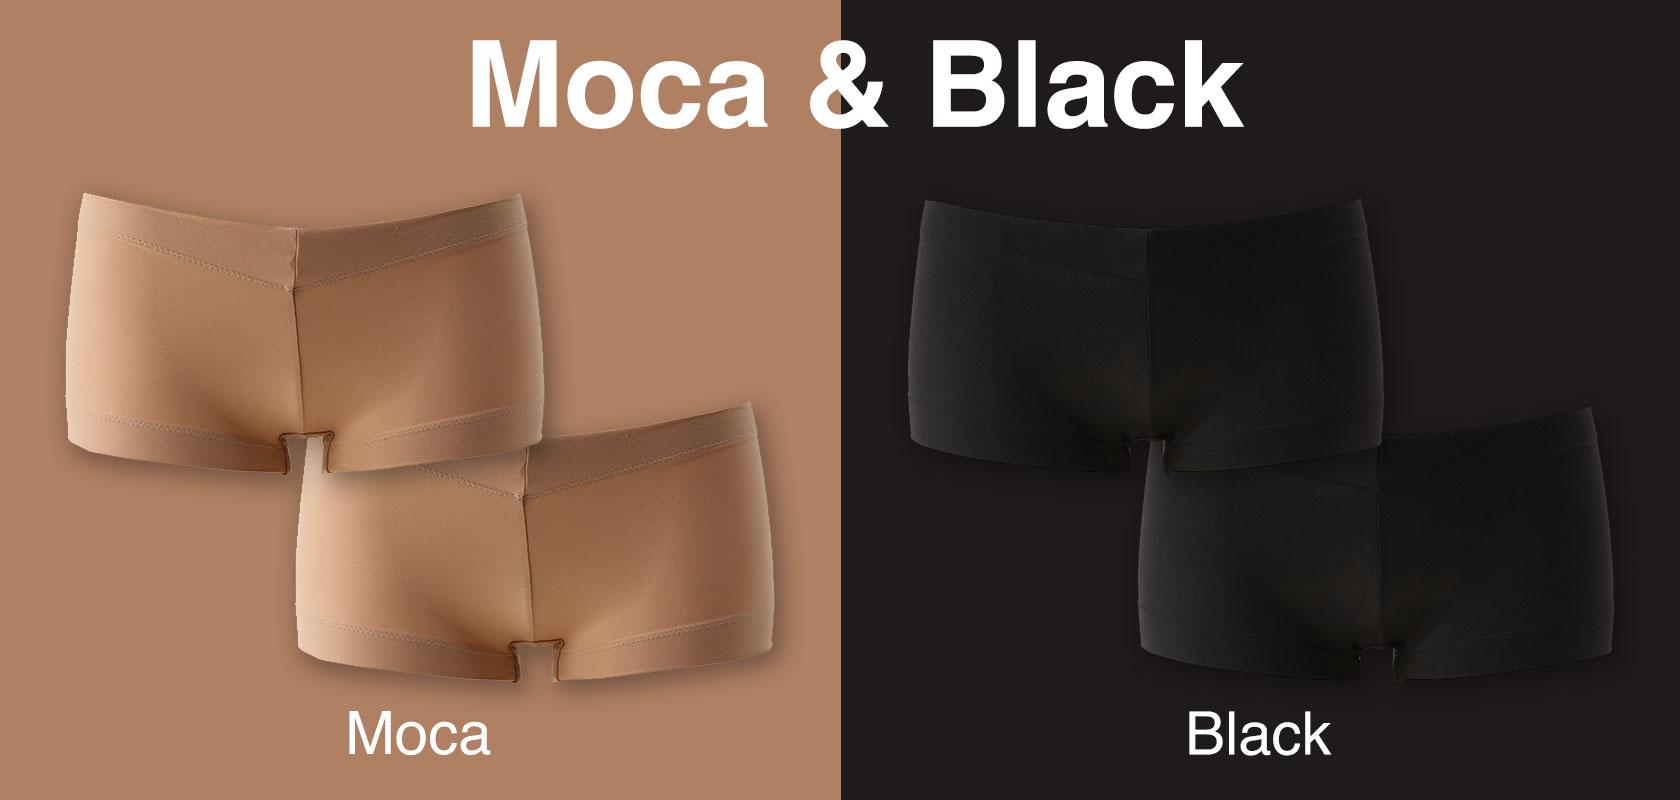 モカ&ブラック4枚セット